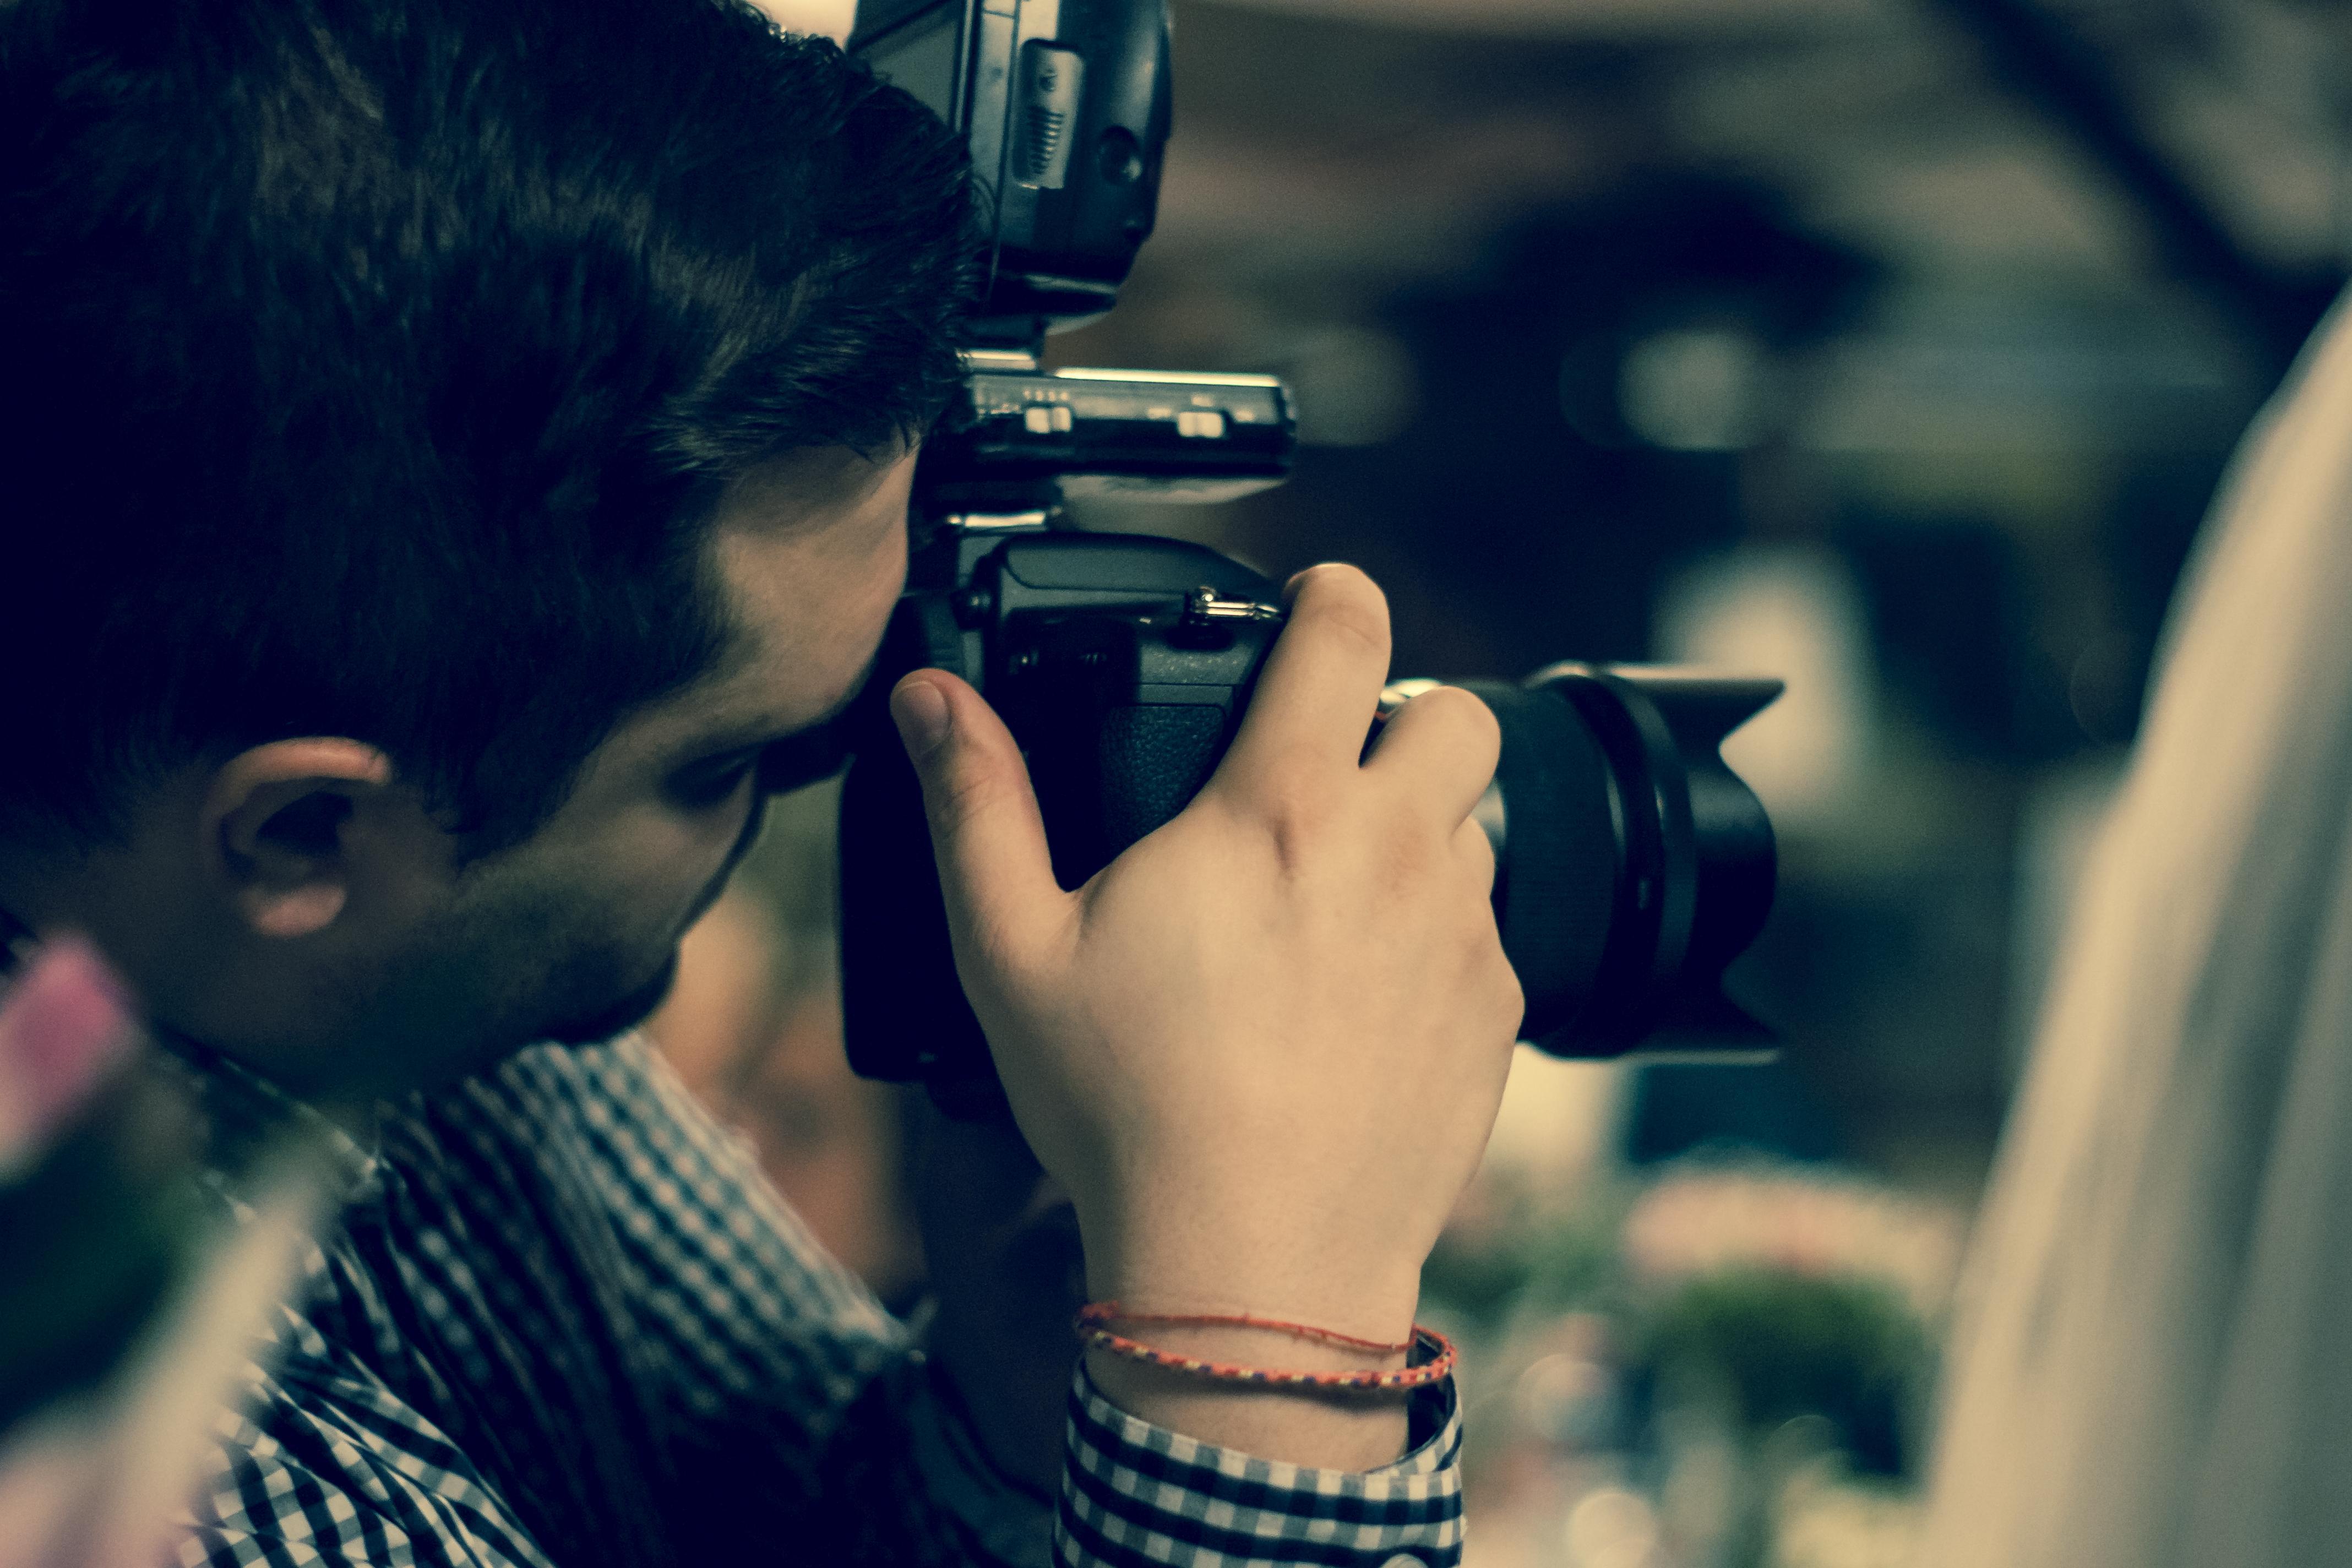 Bagaimana Cara Mengatasi Karet Kendur Pada Body Lensa Tutup Camera Nikon Dslr Fotografer Adalah Hobi Yang Mahal